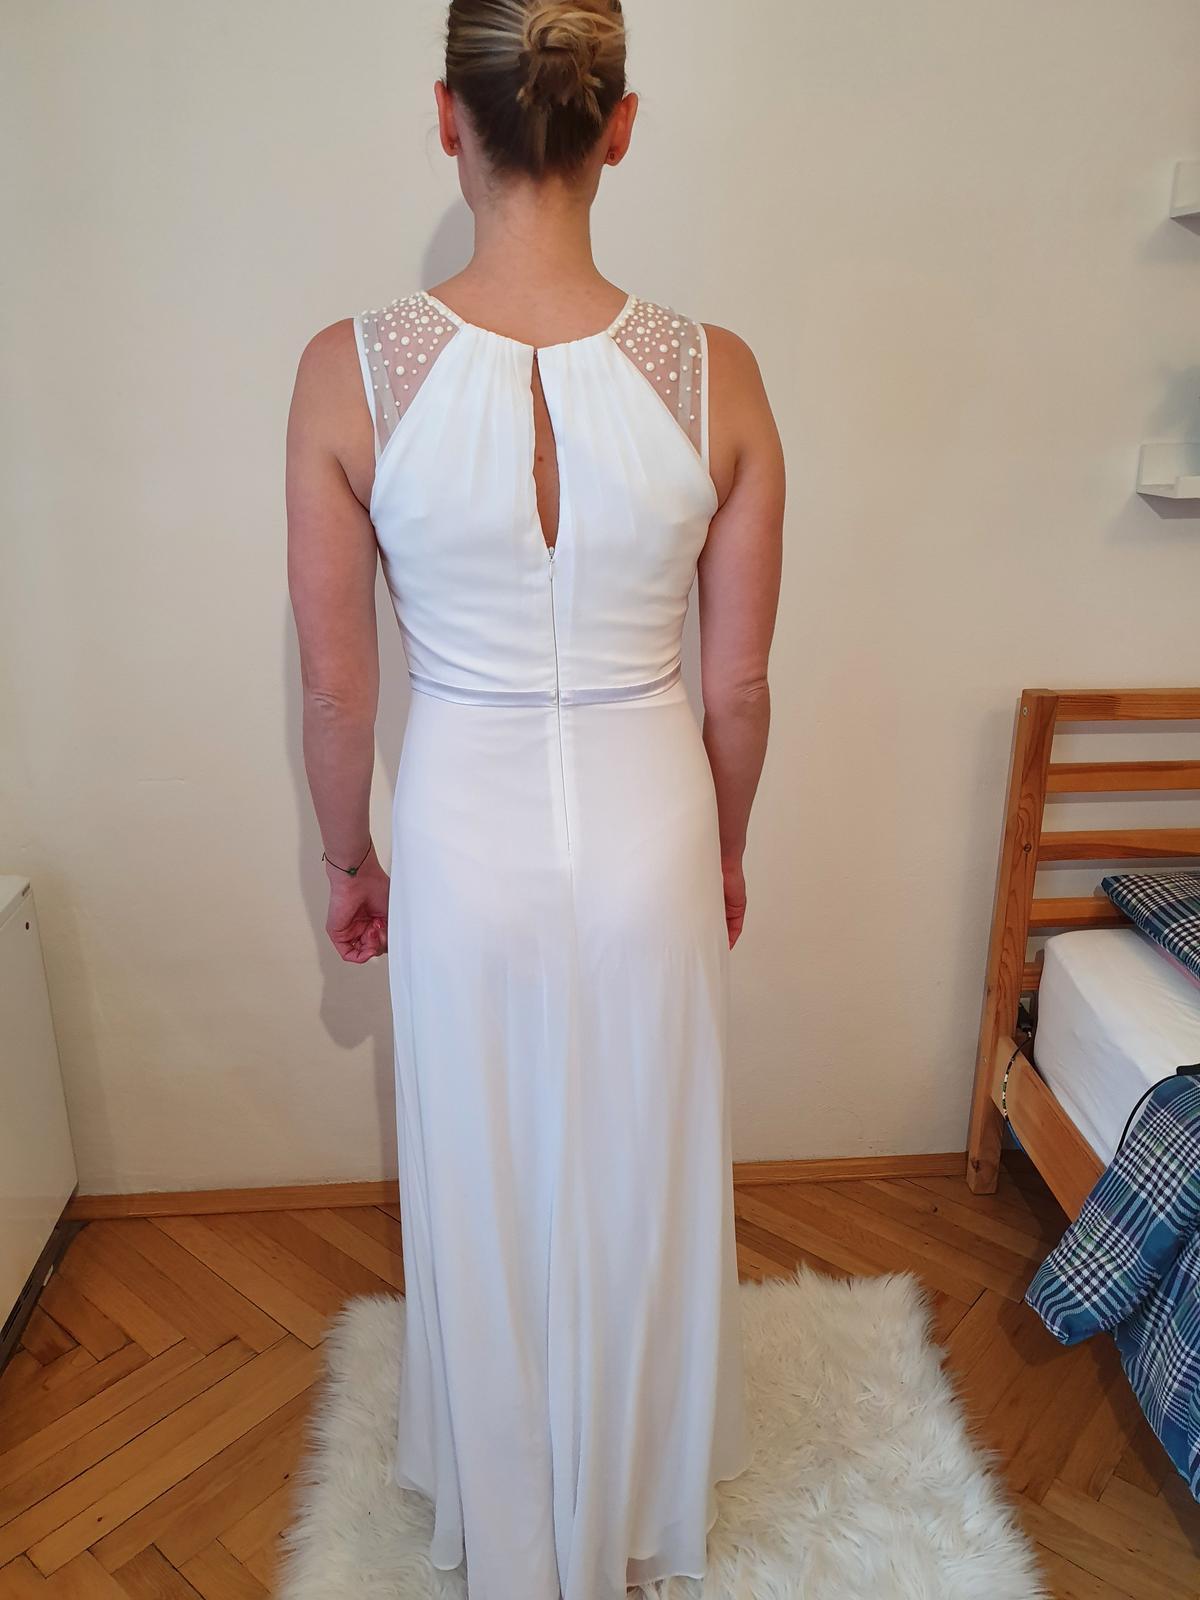 Svatební šaty 36/38 (těhotenské) - Obrázek č. 2